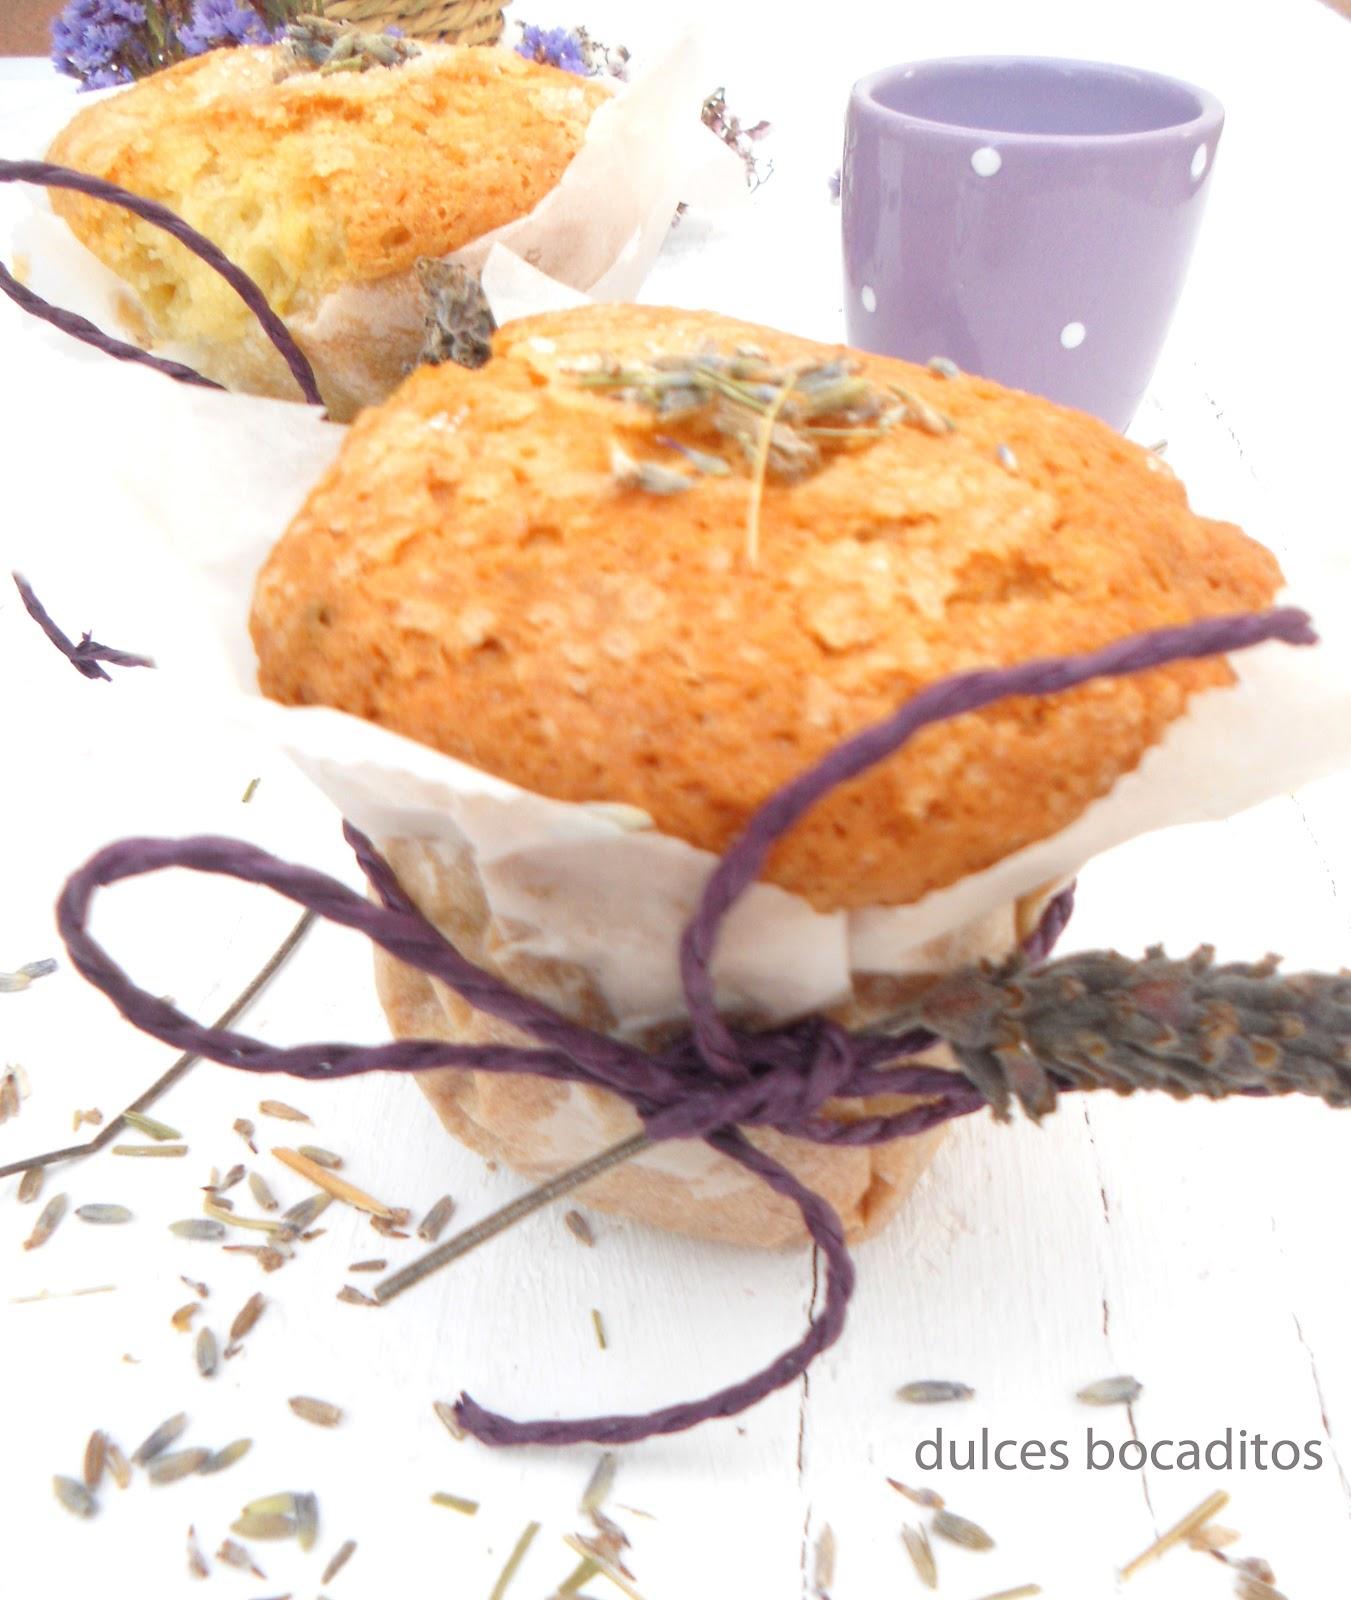 http://1.bp.blogspot.com/-NkvyG73FdZQ/T-etbKjoNnI/AAAAAAAAA9k/DLr_rTXFYro/s1600/muffins+lavanda.jpg